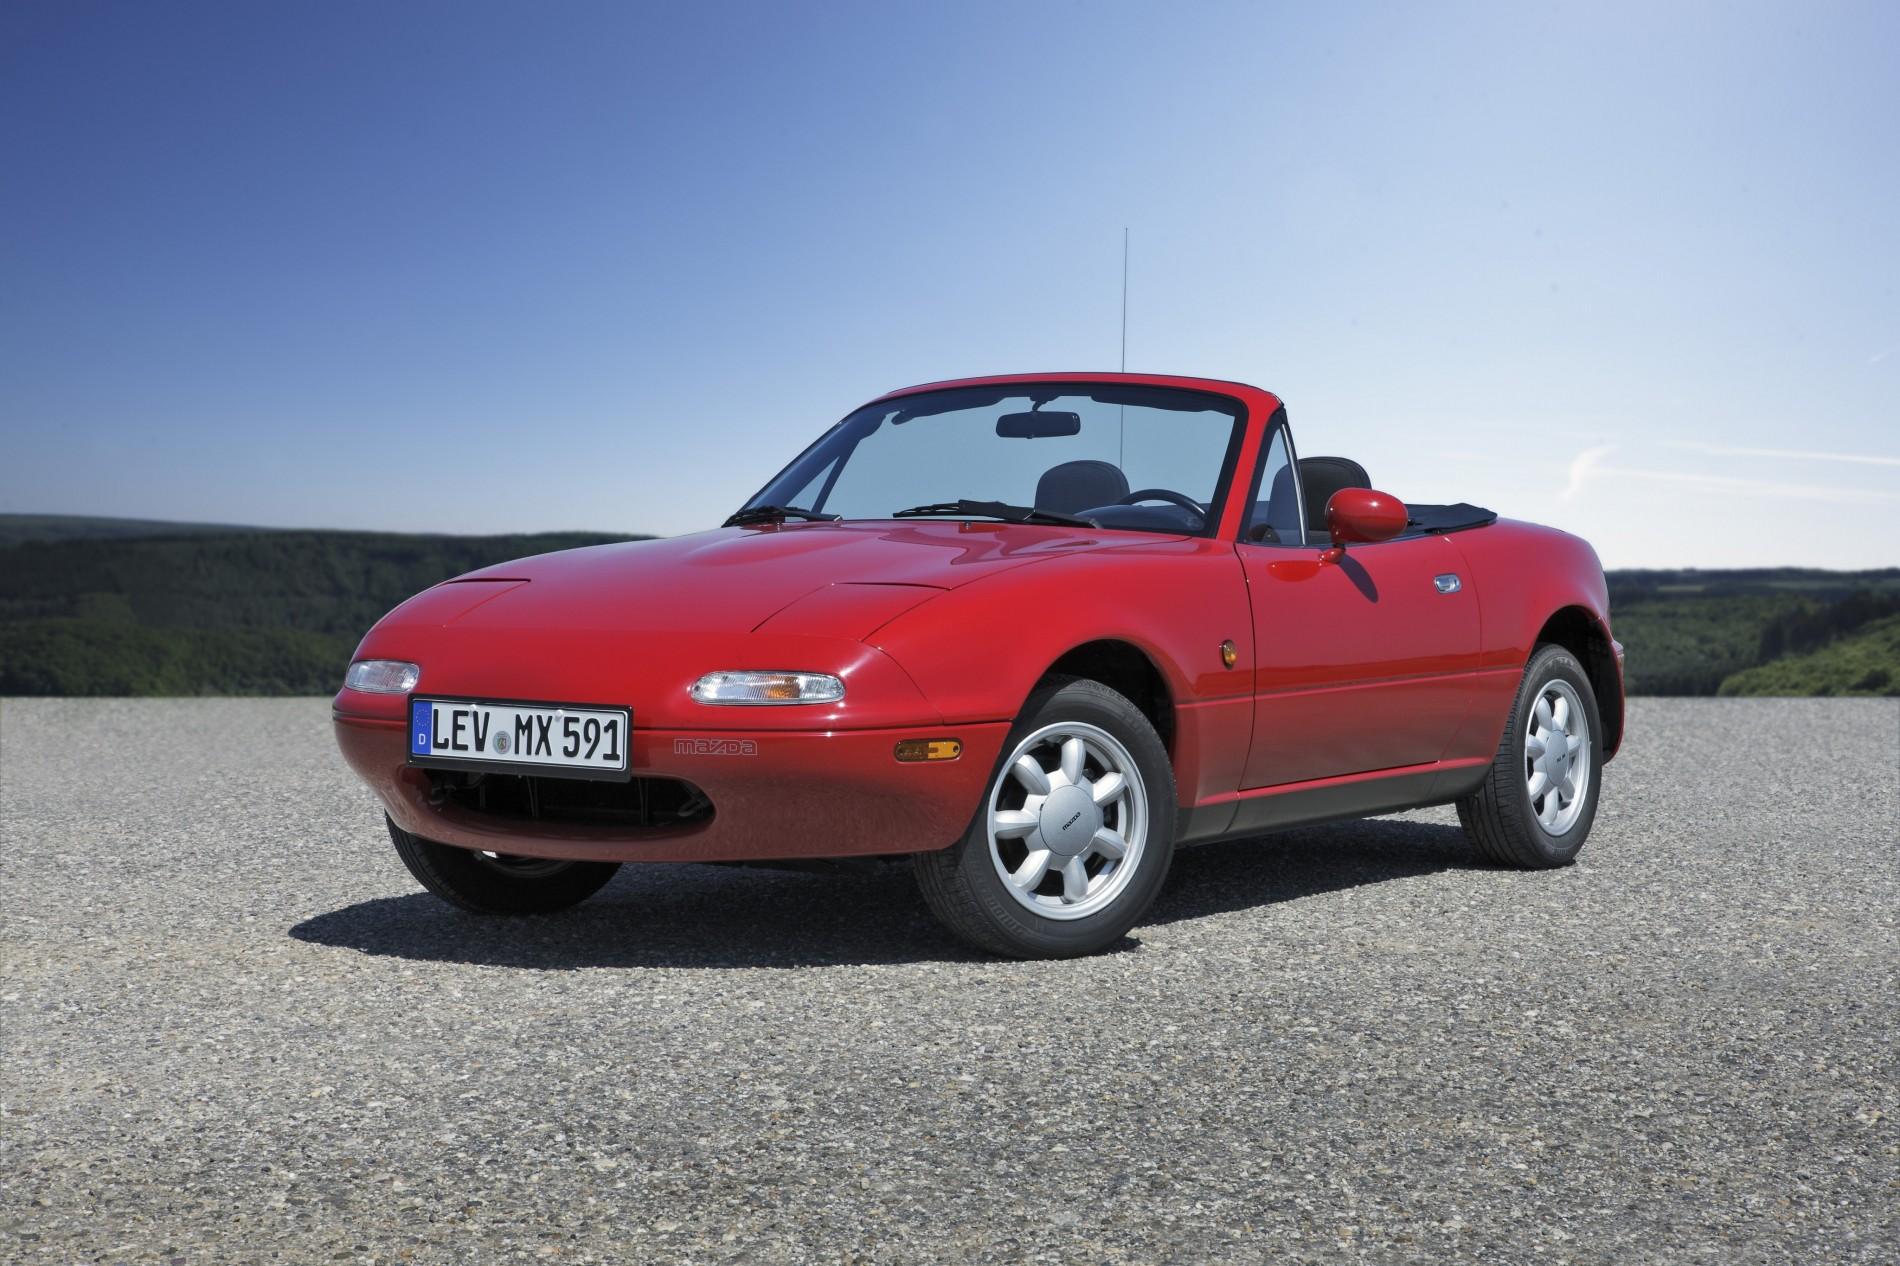 Mazda la 100 de ani - Mazda la 100 de ani